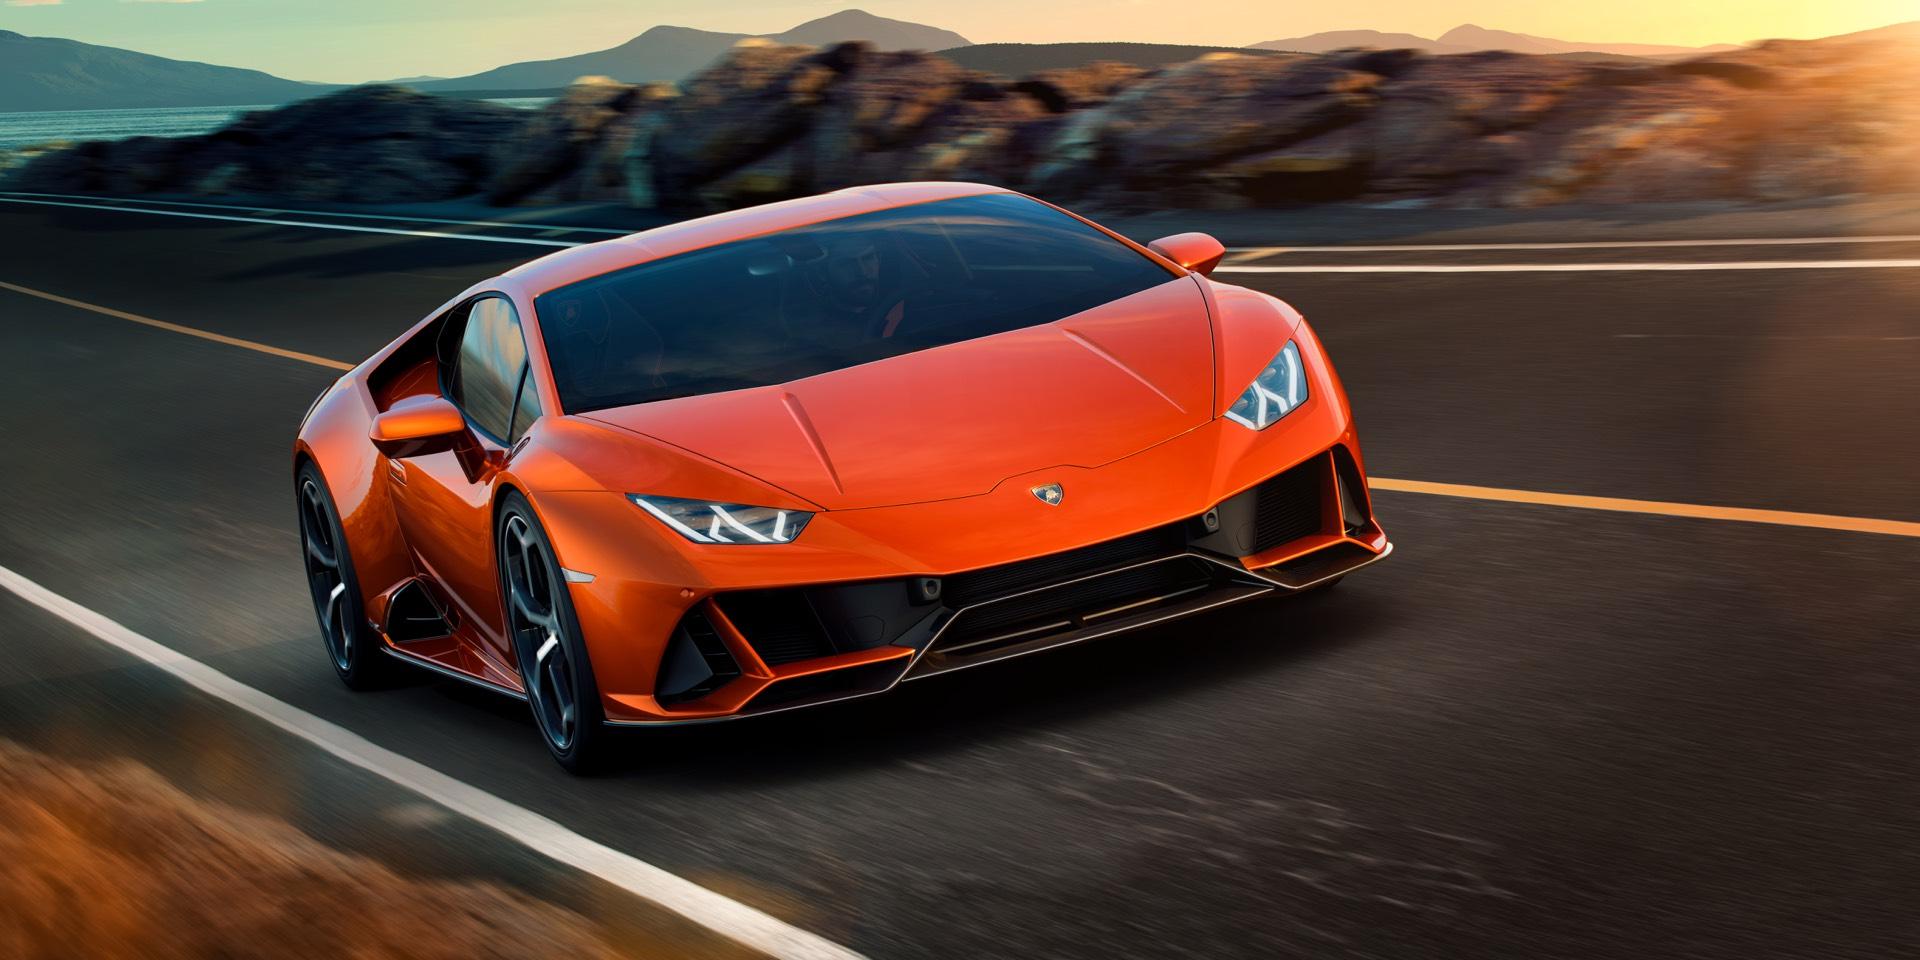 Lamborghini Huracan EVO on the Road